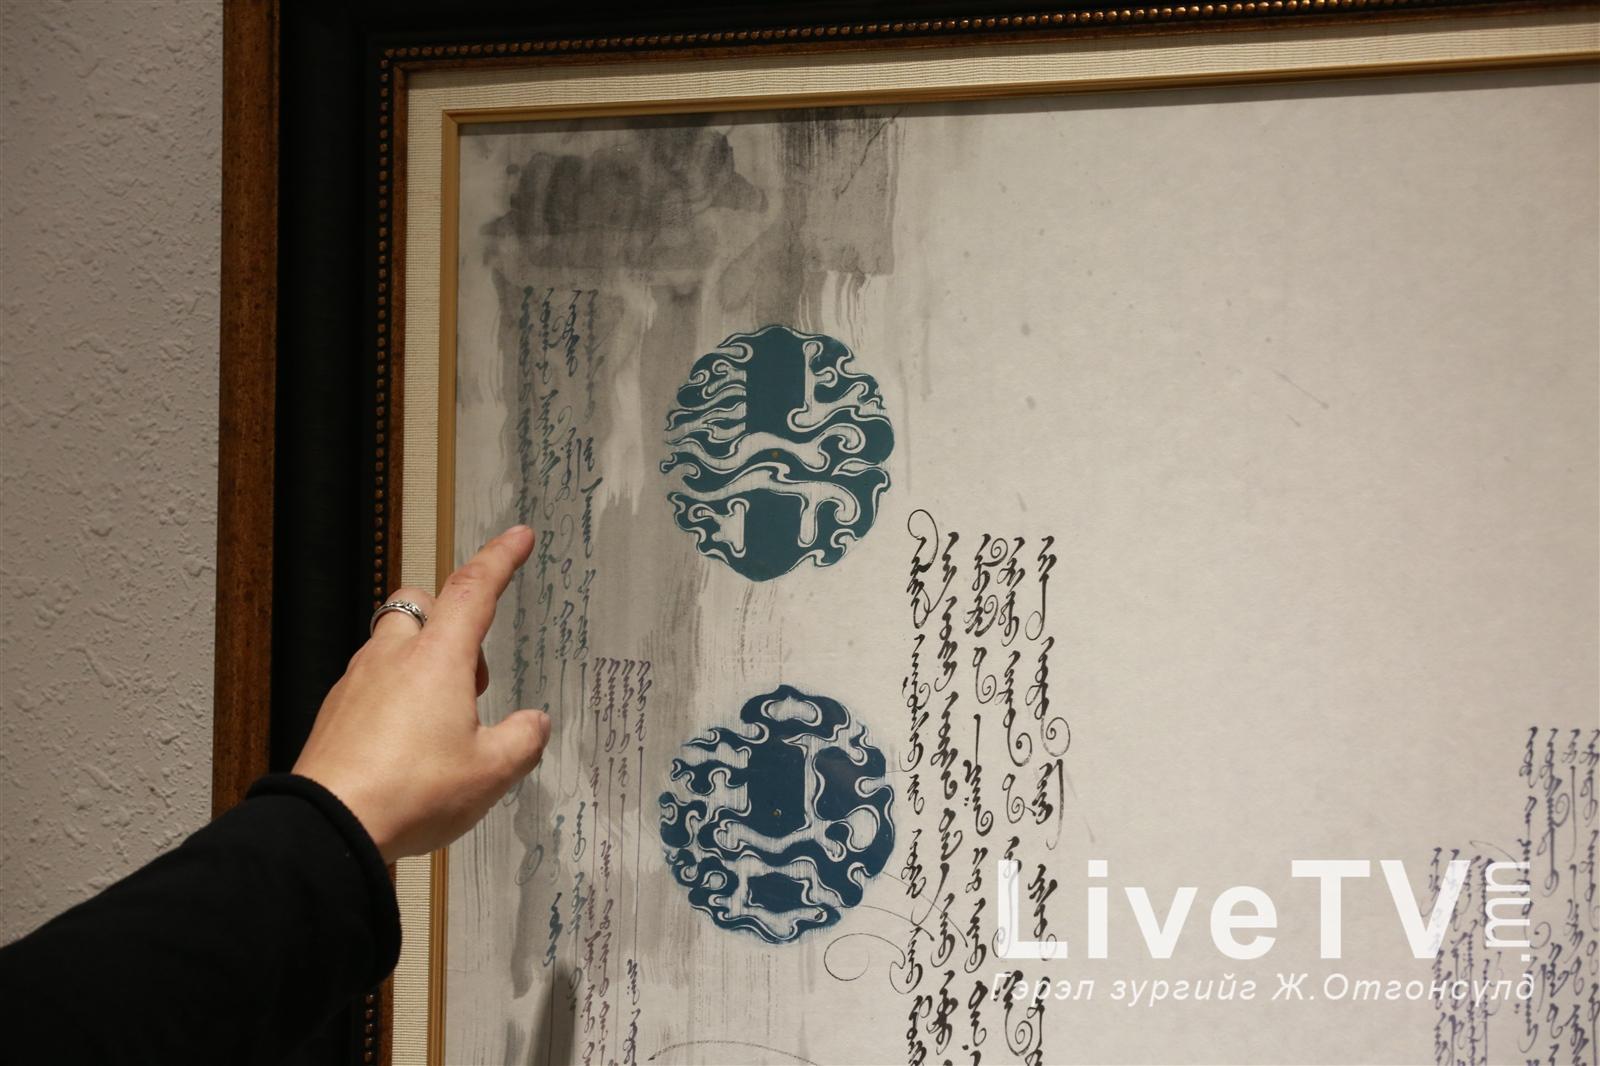 Шүлгийн мөрийг хажууд нь зэрэгцүүлж монгол бичгийн уран бичлэгээр бичсэн